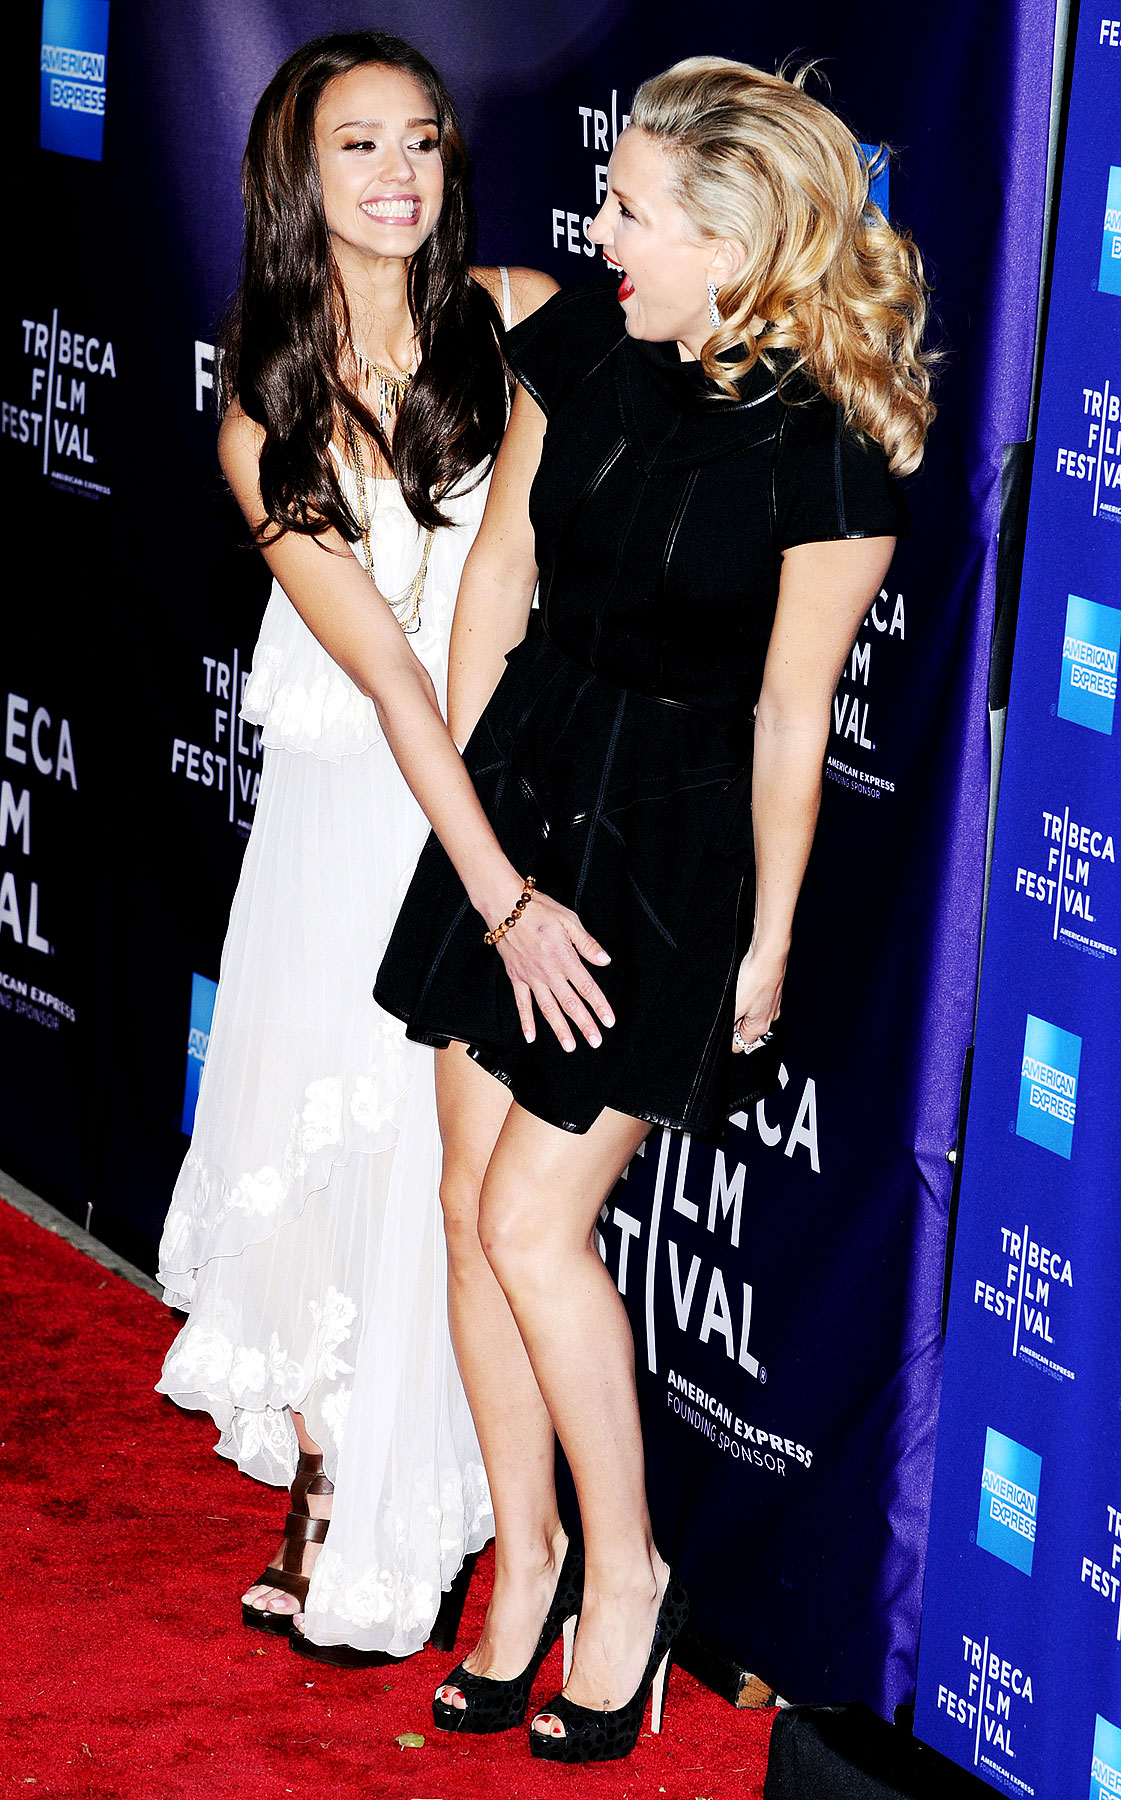 Jessica Alba Lends Kate Hudson a Hand (PHOTOS)